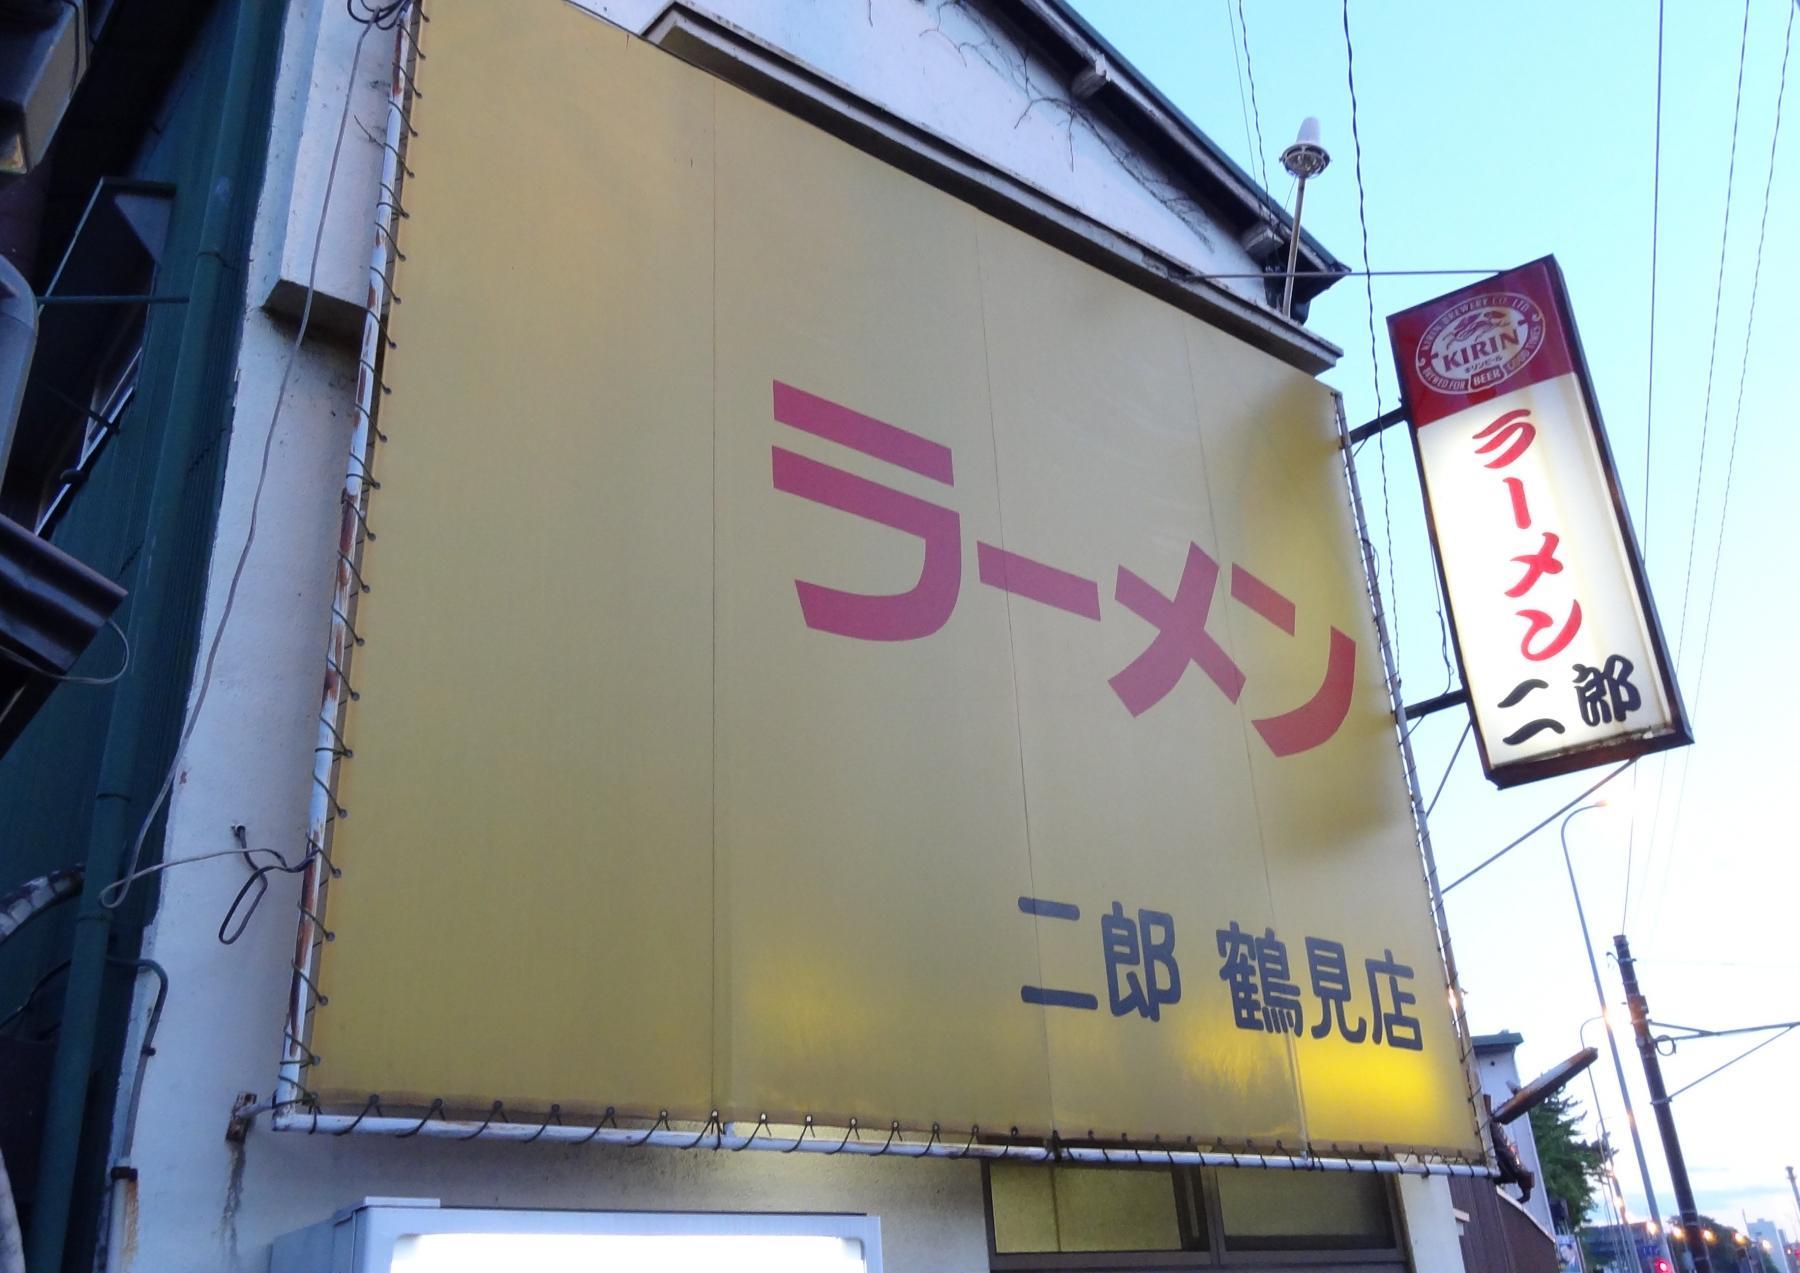 20120504003tsurumi.jpg